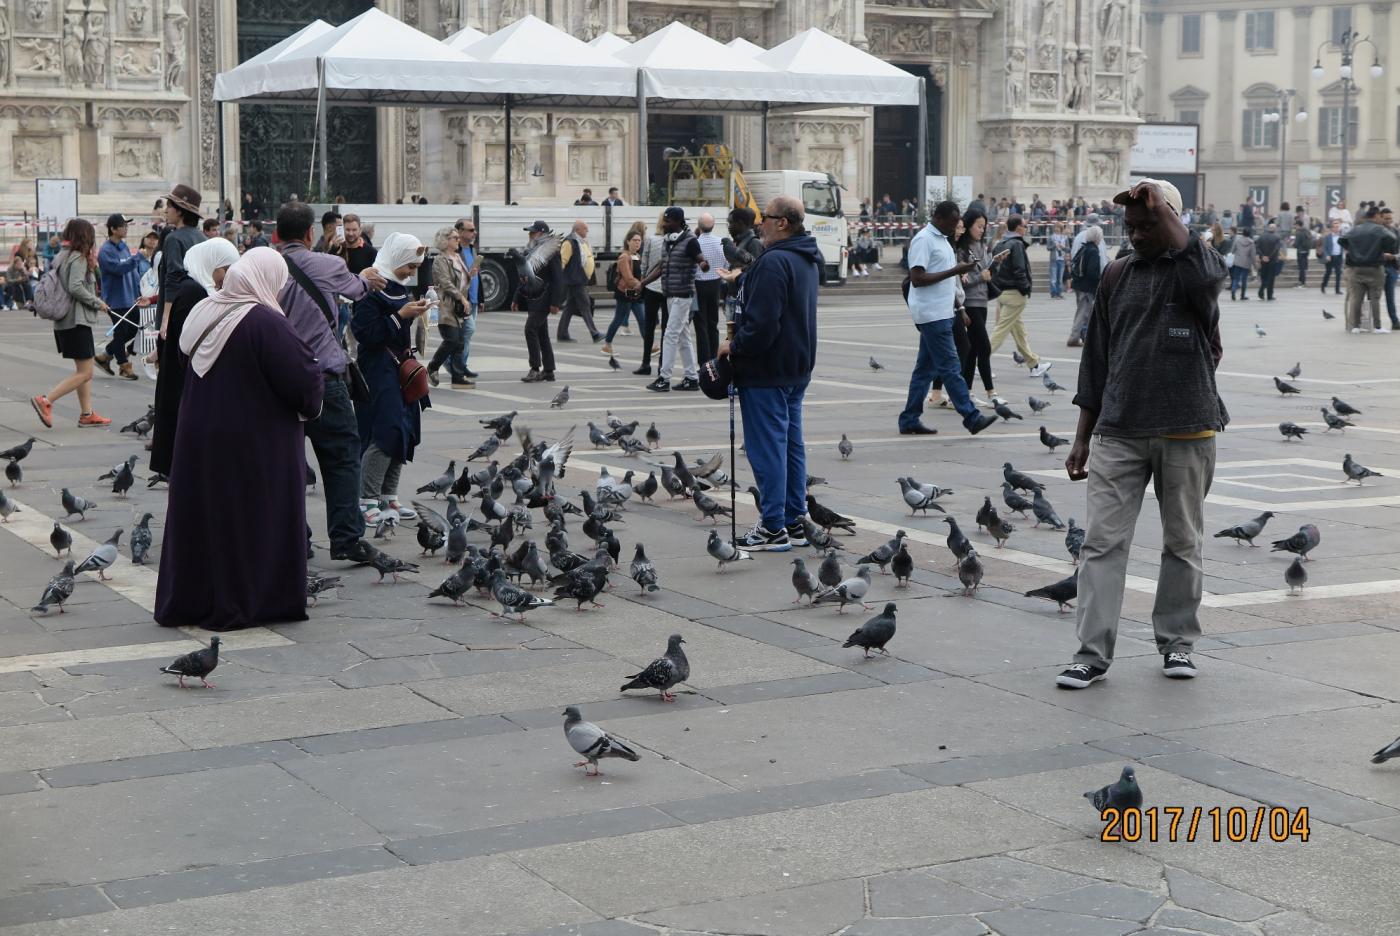 乐趣无穷:抓怕意大利街头的形形色色_图1-6